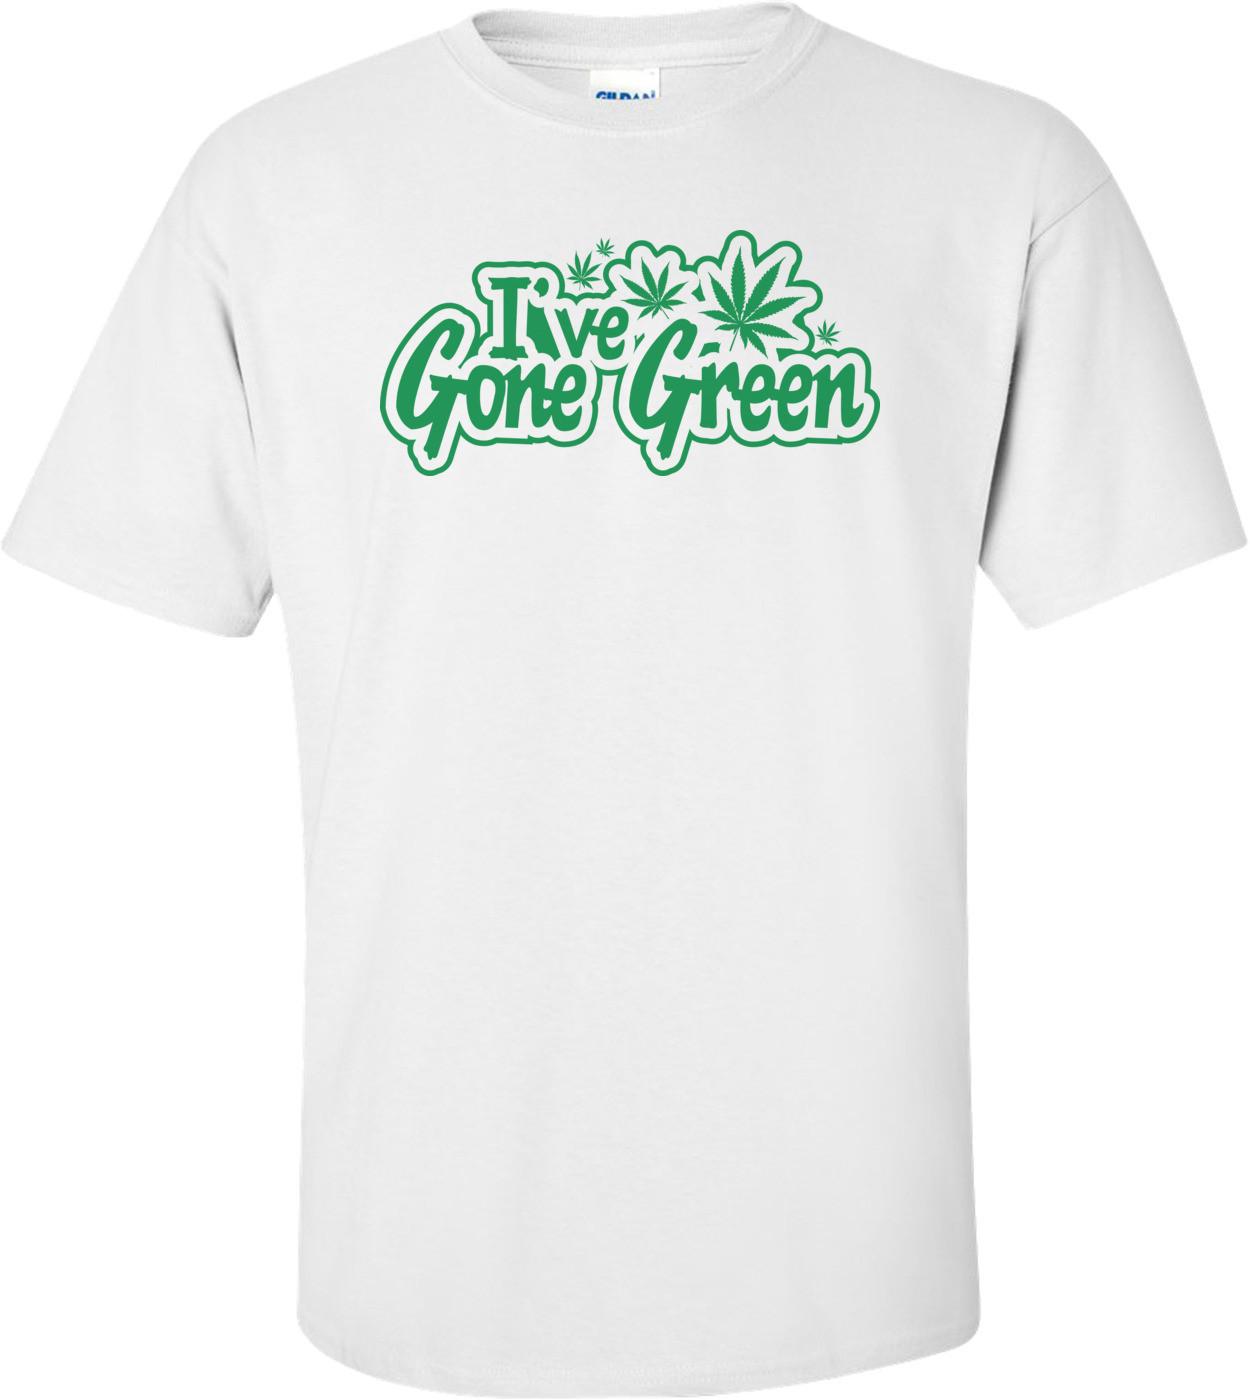 I've Gone Green T-shirt